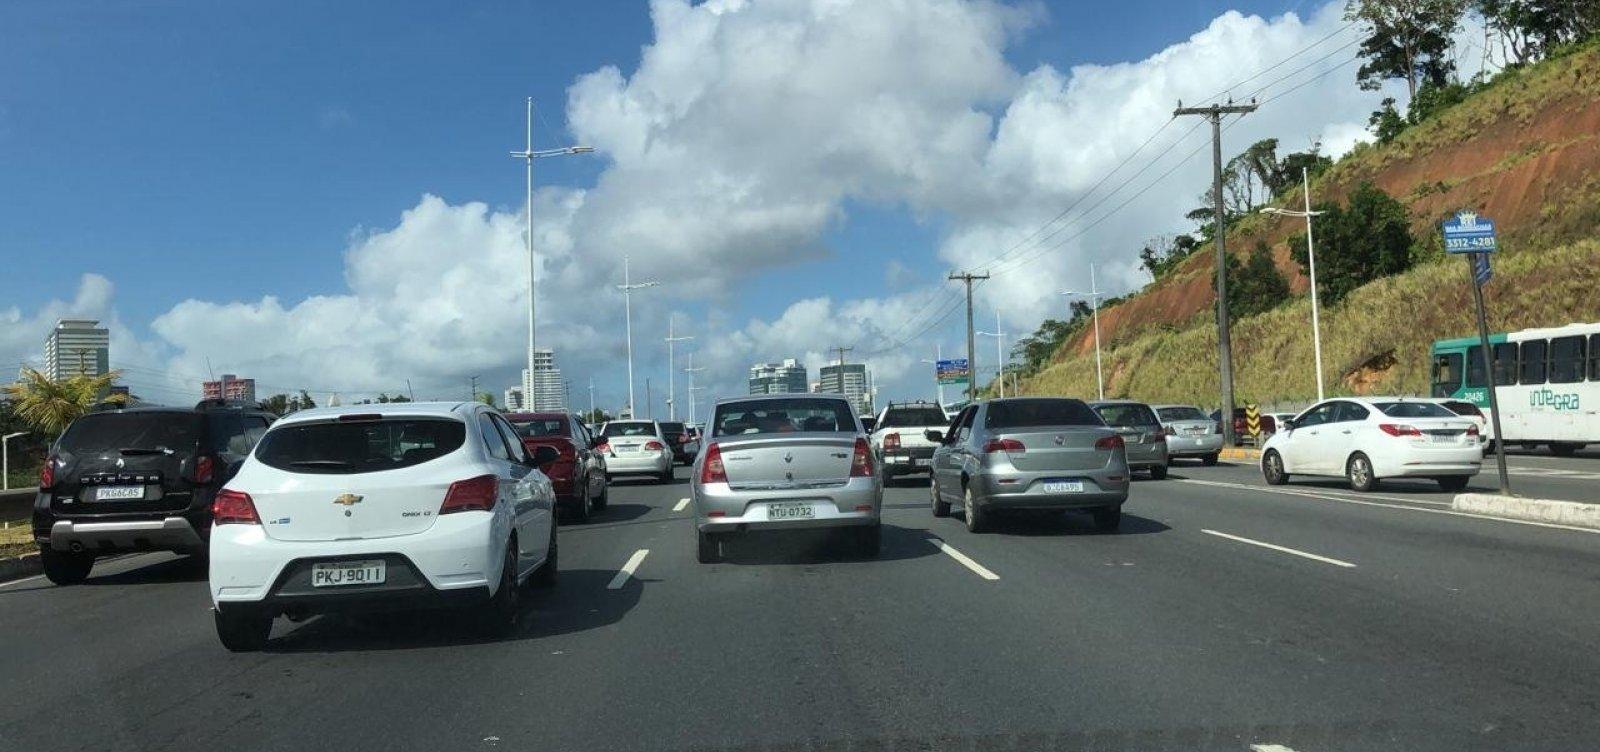 Novas regras do Código de Trânsito entram em vigor nesta segunda; confira